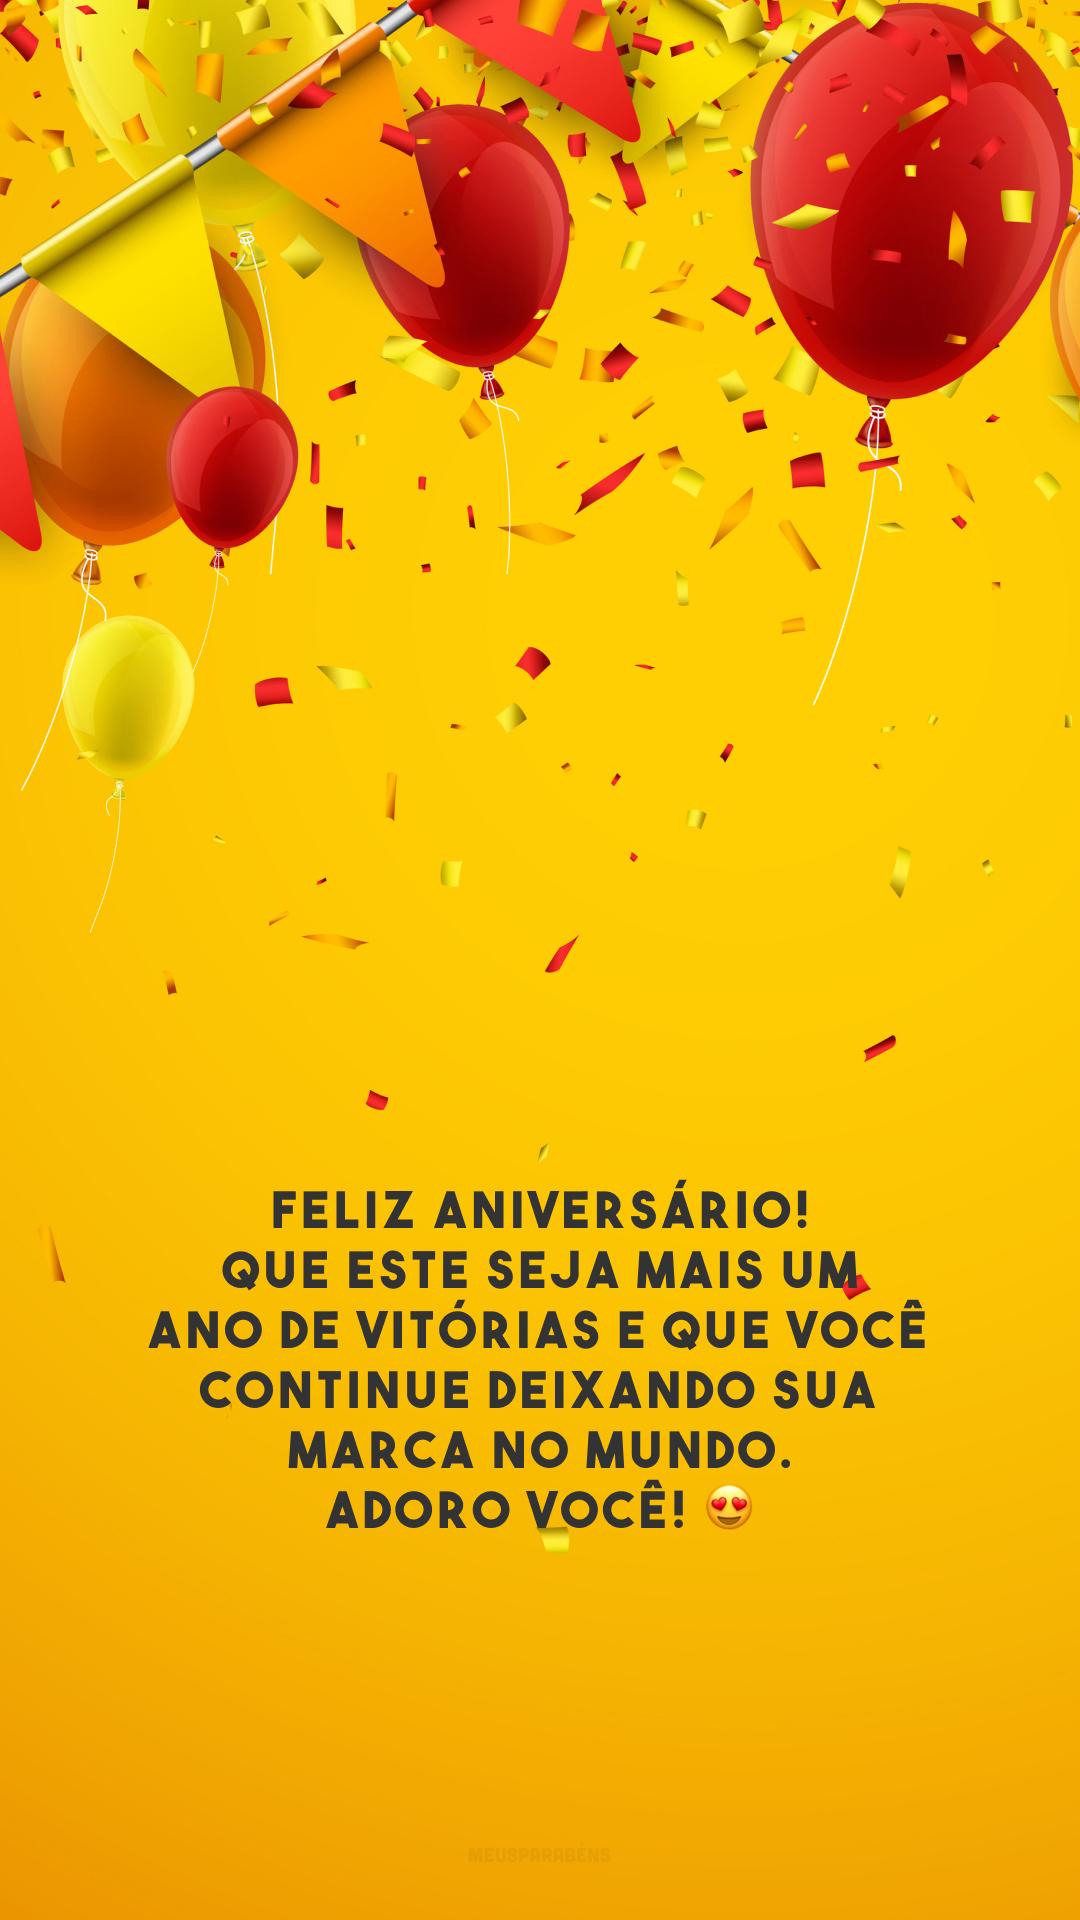 Feliz aniversário! Que este seja mais um ano de vitórias e que você continue deixando sua marca no mundo. Adoro você! 😍